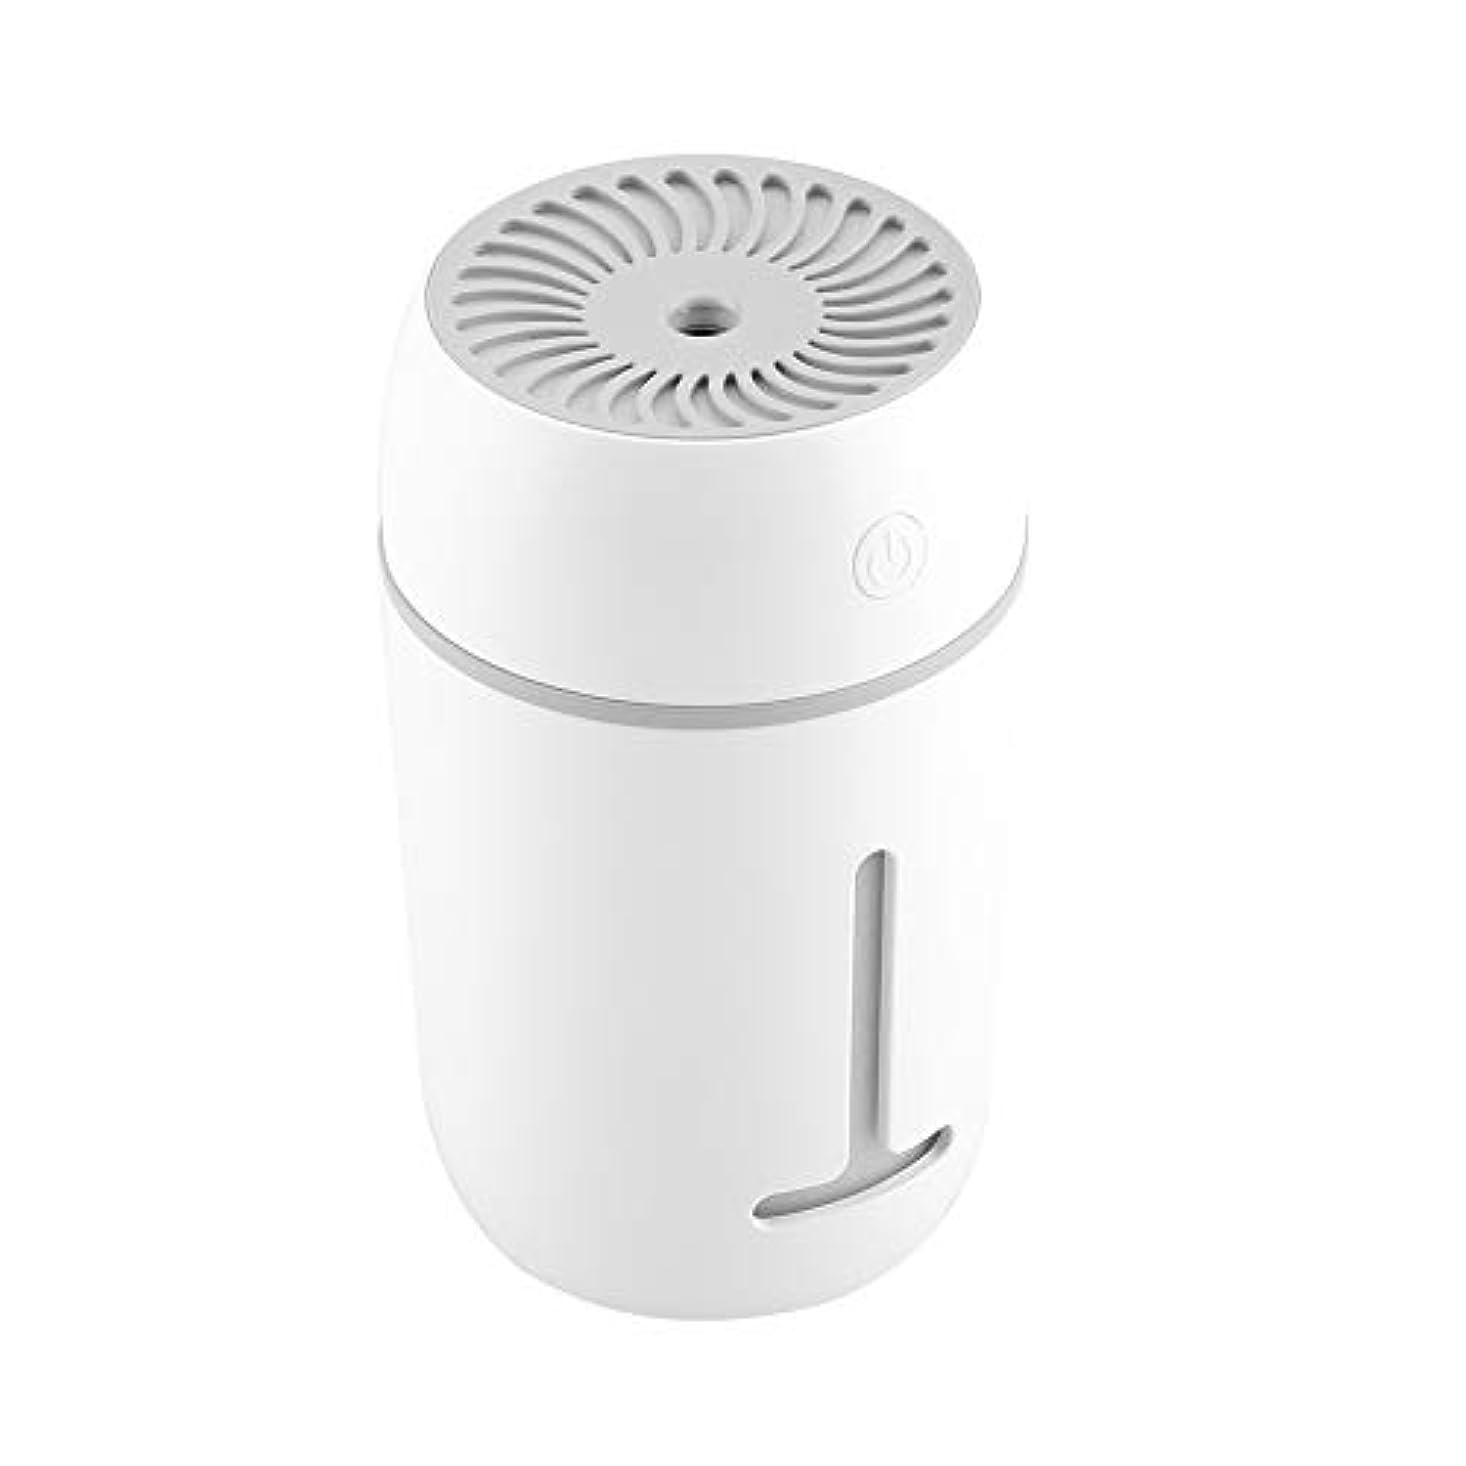 おもちゃくるみ空携帯用加湿器、車のオフィスのためのUSBの再充電可能な携帯用超音波加湿器の拡散器7色LEDライト